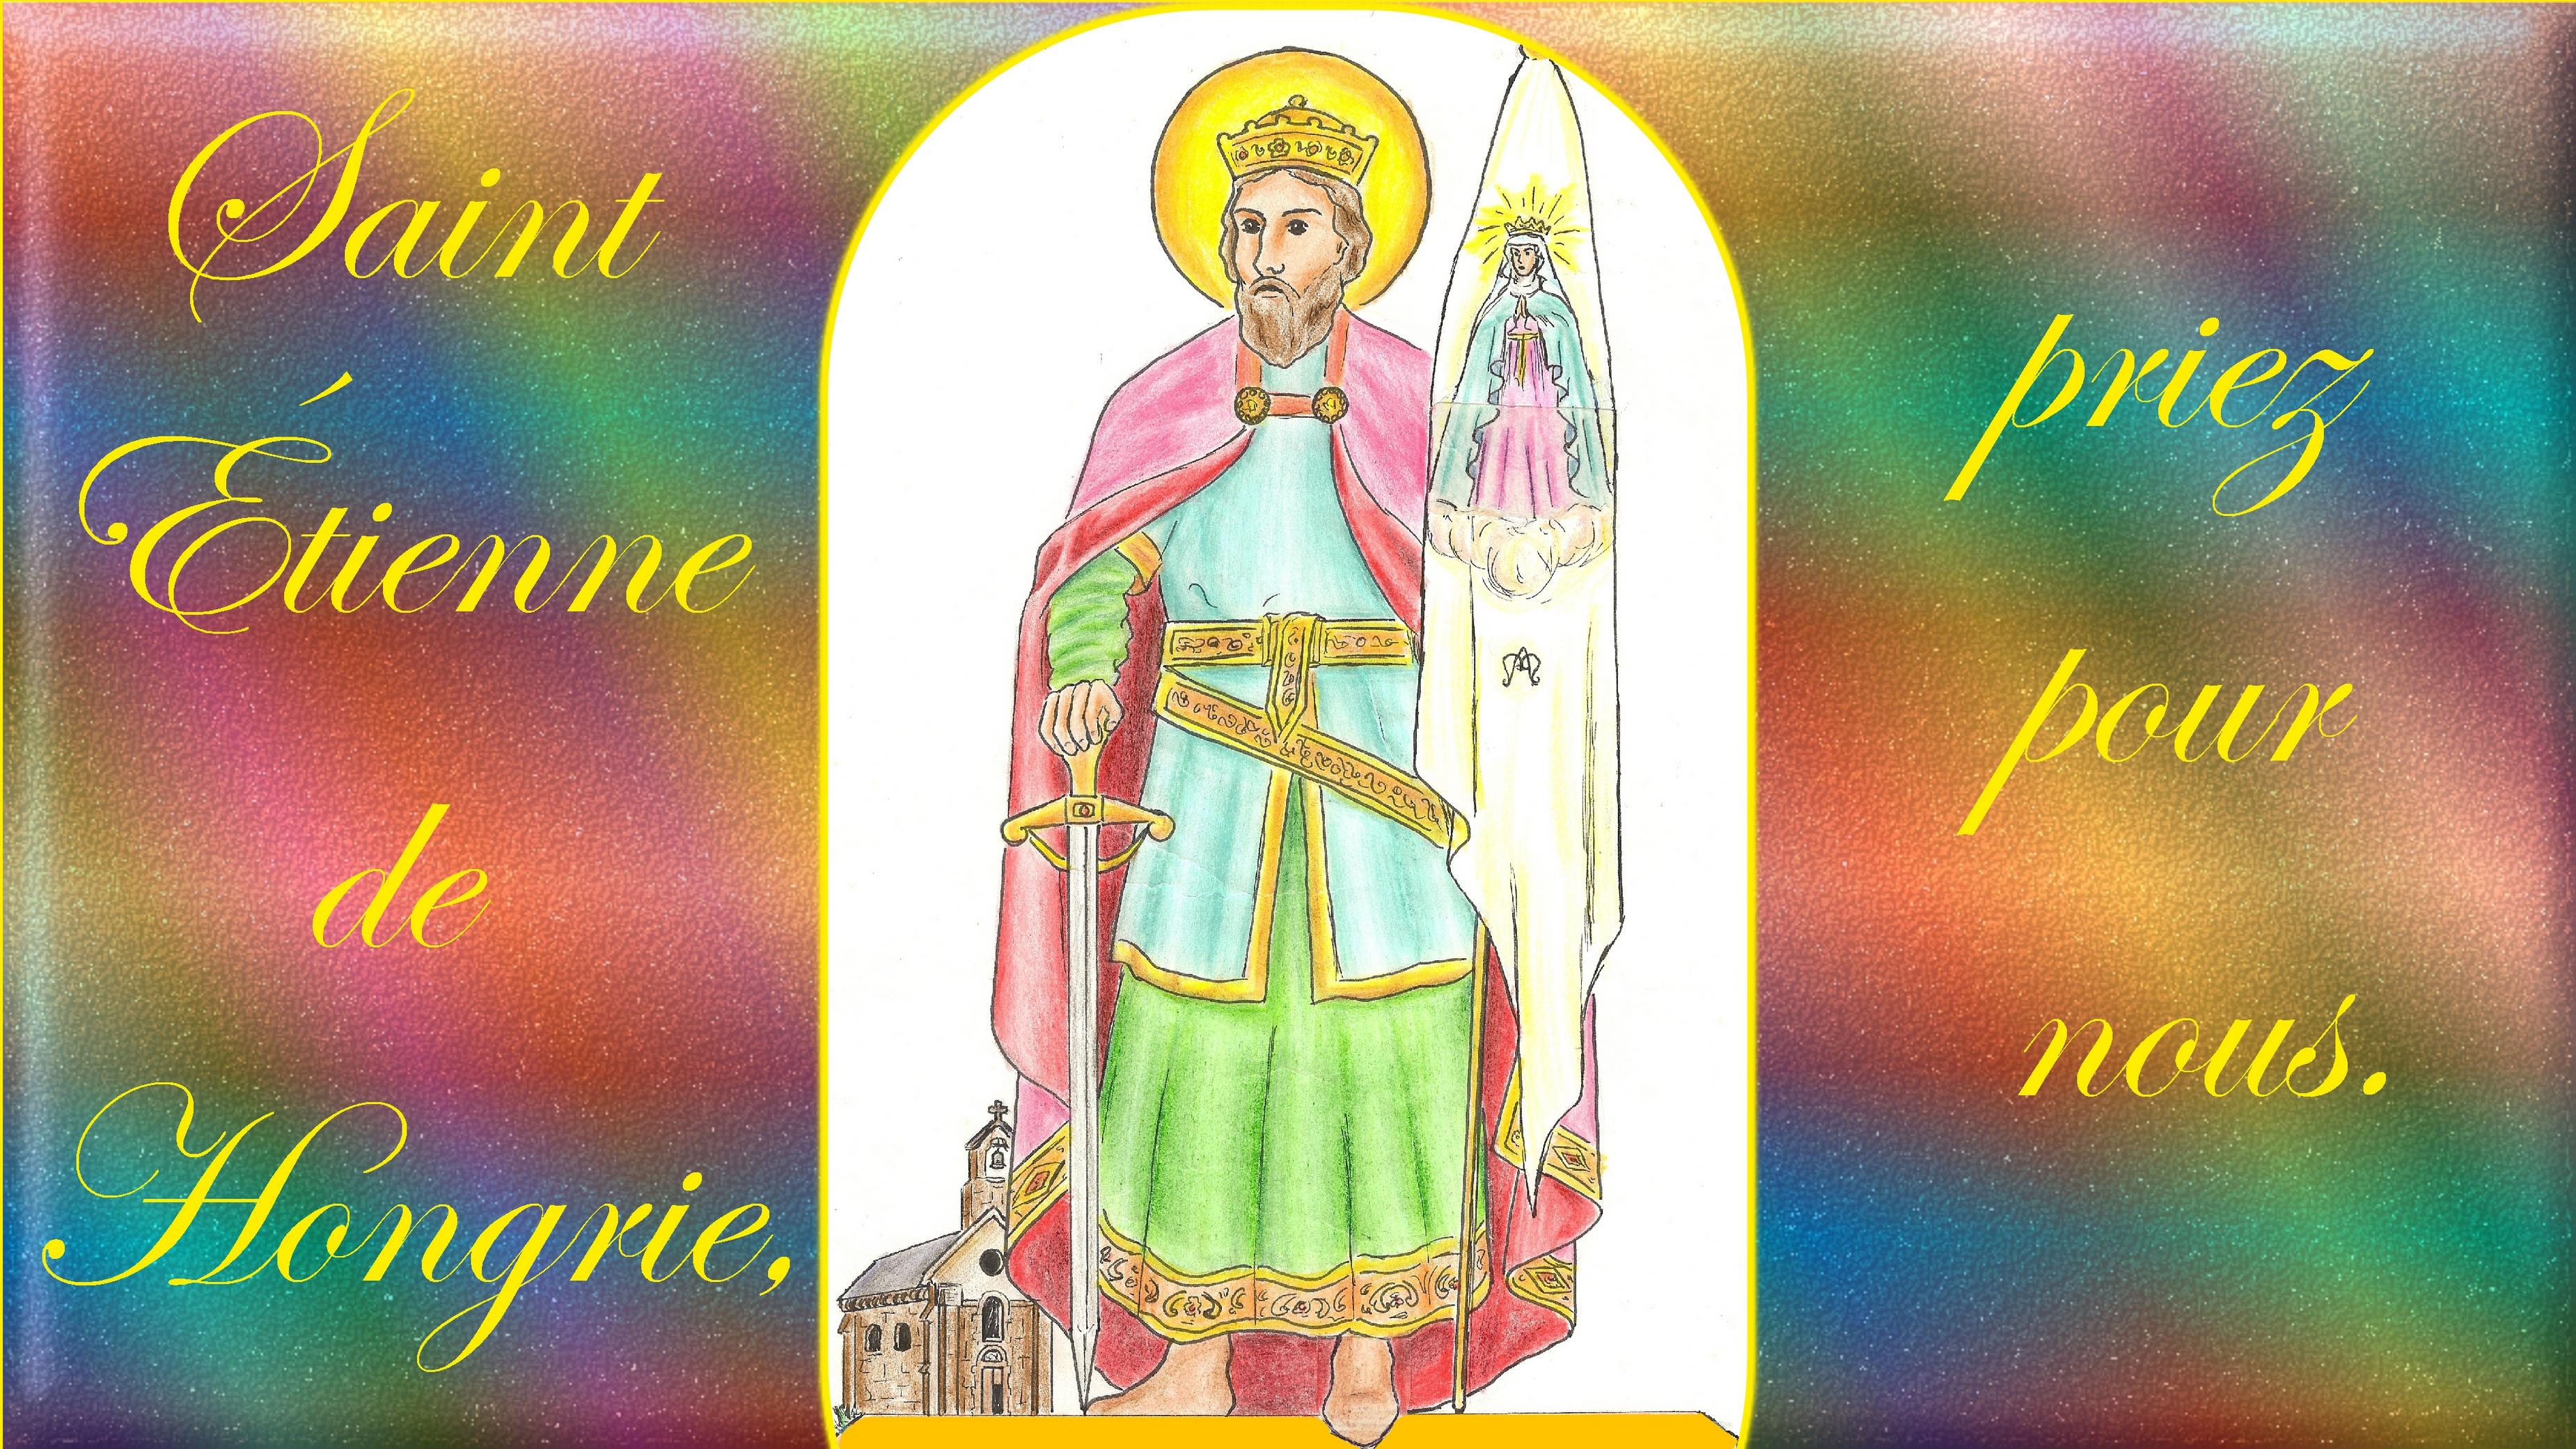 CALENDRIER CATHOLIQUE 2019 (Cantiques, Prières & Images) - Page 7 St-tienne-de-hongrie-5686aa5